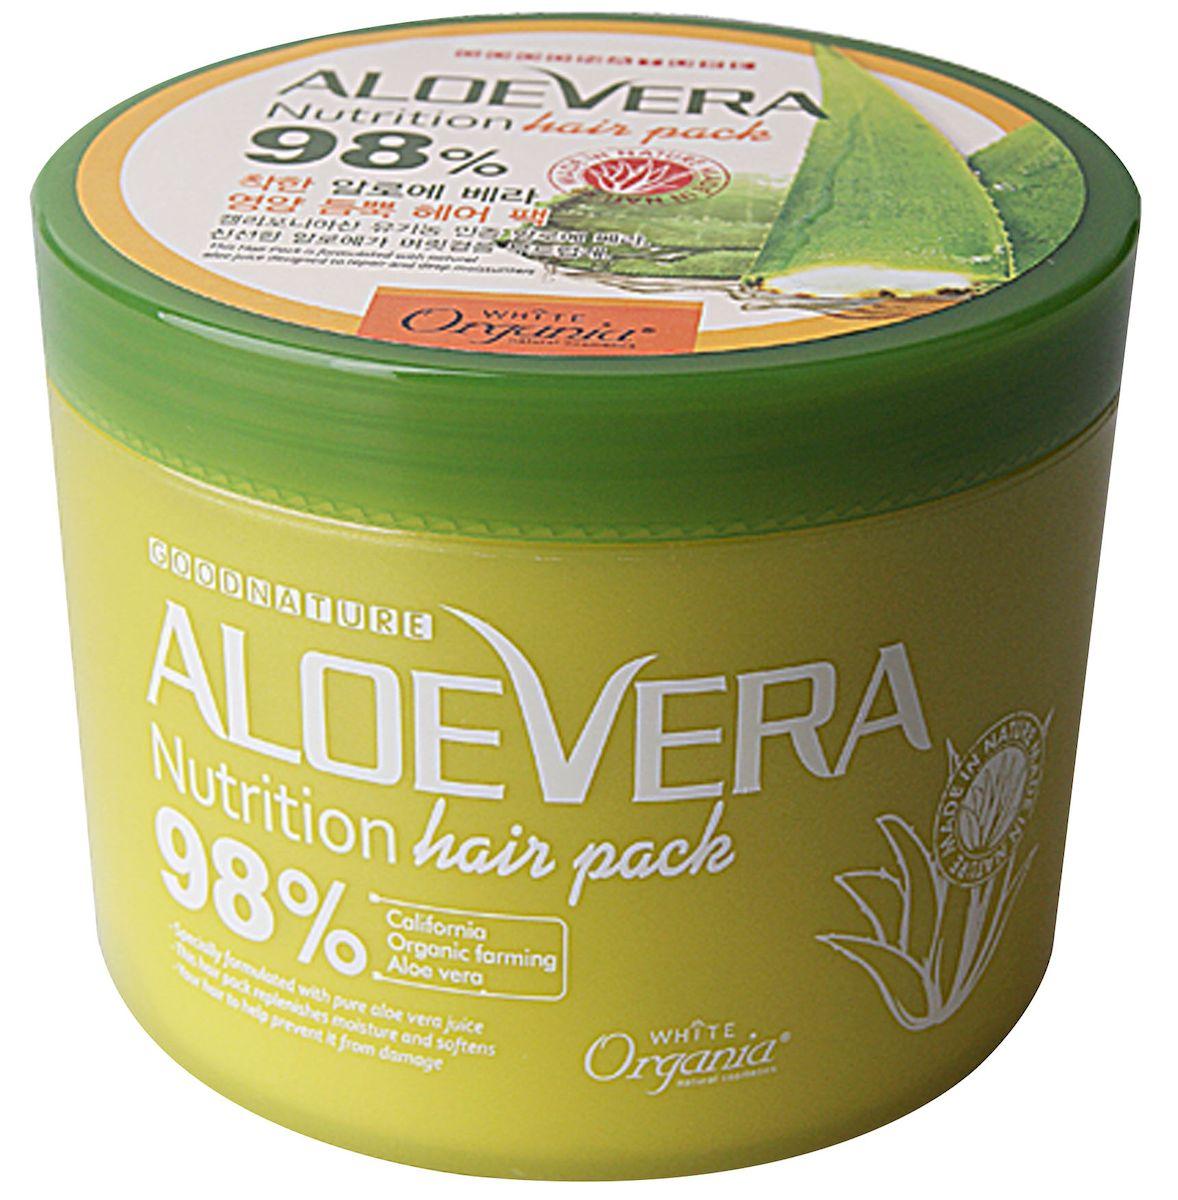 Whitecospharm Увлажняющая и питательная маска для волос White Organia с соком листьев алоэ и маслом оливы, 500 млFS-00897Маска оказывает заметное интенсивное питательное и оздоровительное воздействие на ослабленные волосы за счет способности активных компонентов проникать глубоко в структуру волоса.- Сок алоэ увлажняет, а масло оливы питает волосы по всей длине- Маска восстанавливает наружный защитный слой волоса – кутикулу, придавая волосам здоровый блеск и гладкость- Не утяжеляет волосы, облегчает расчесывание и укладку- Рекомендована в качестве дополнительного ухода совместно с обычным ежедневным уходом за волосамиСпособ применения: нанесите маску на чистые волосы, оставьте на 5-10 минут, затем тщательно промойте водой. Рекомендуется использовать 1-2 раза в неделю.Меры предосторожности: при попадании средства в глаза промойте их проточной водой. Храните в недоступном для детей месте.